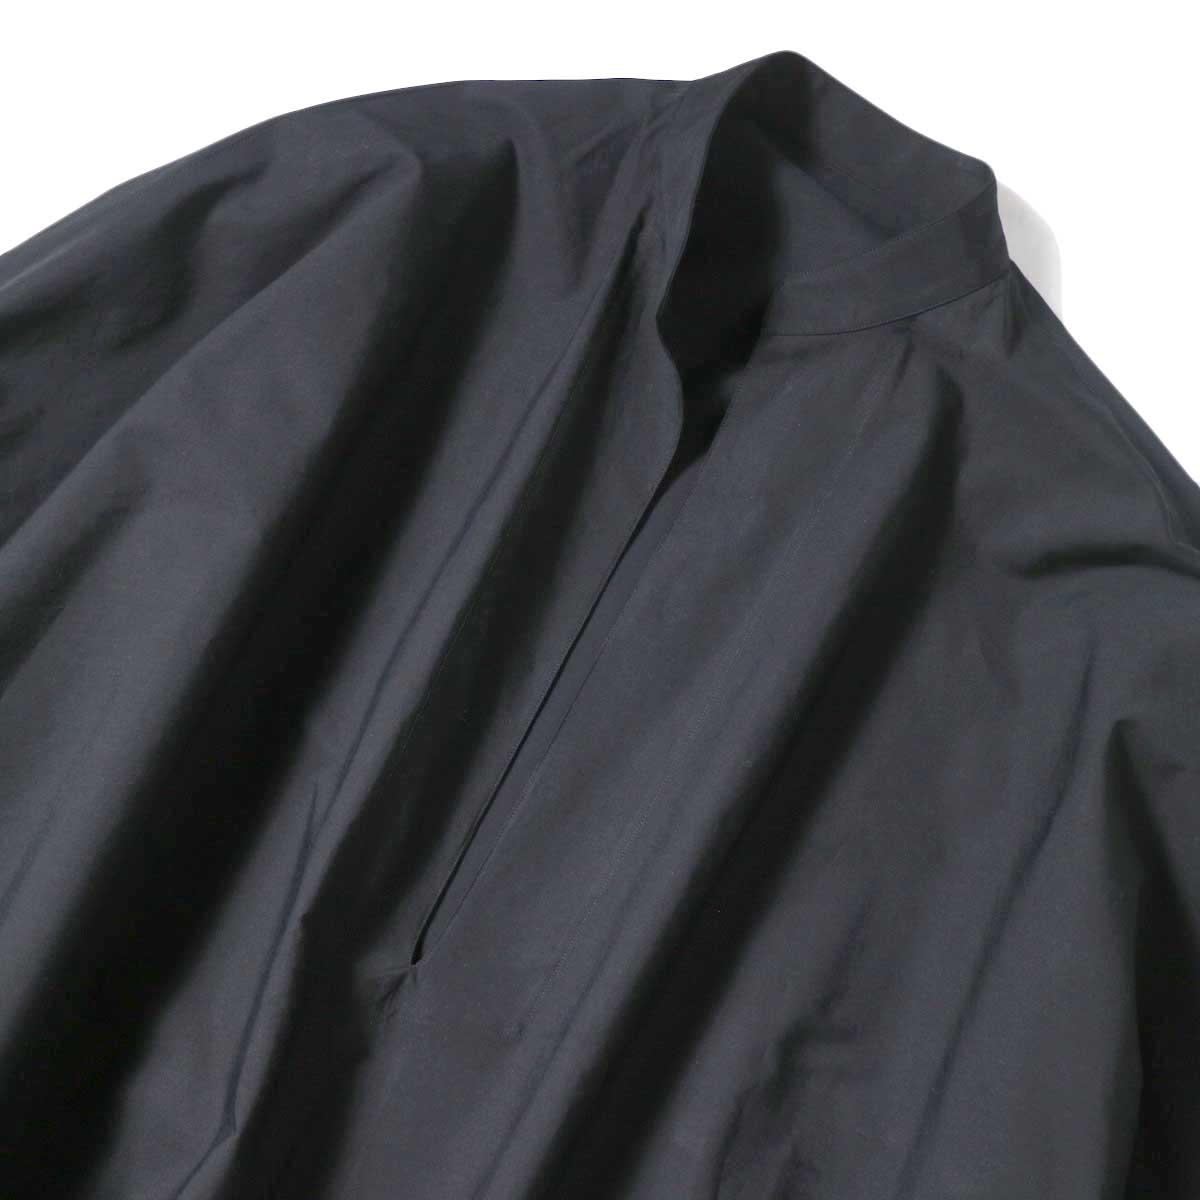 YLEVE / COTTON TYPEW RITER LONG KAFTAN SHIRT (Black) Vネック